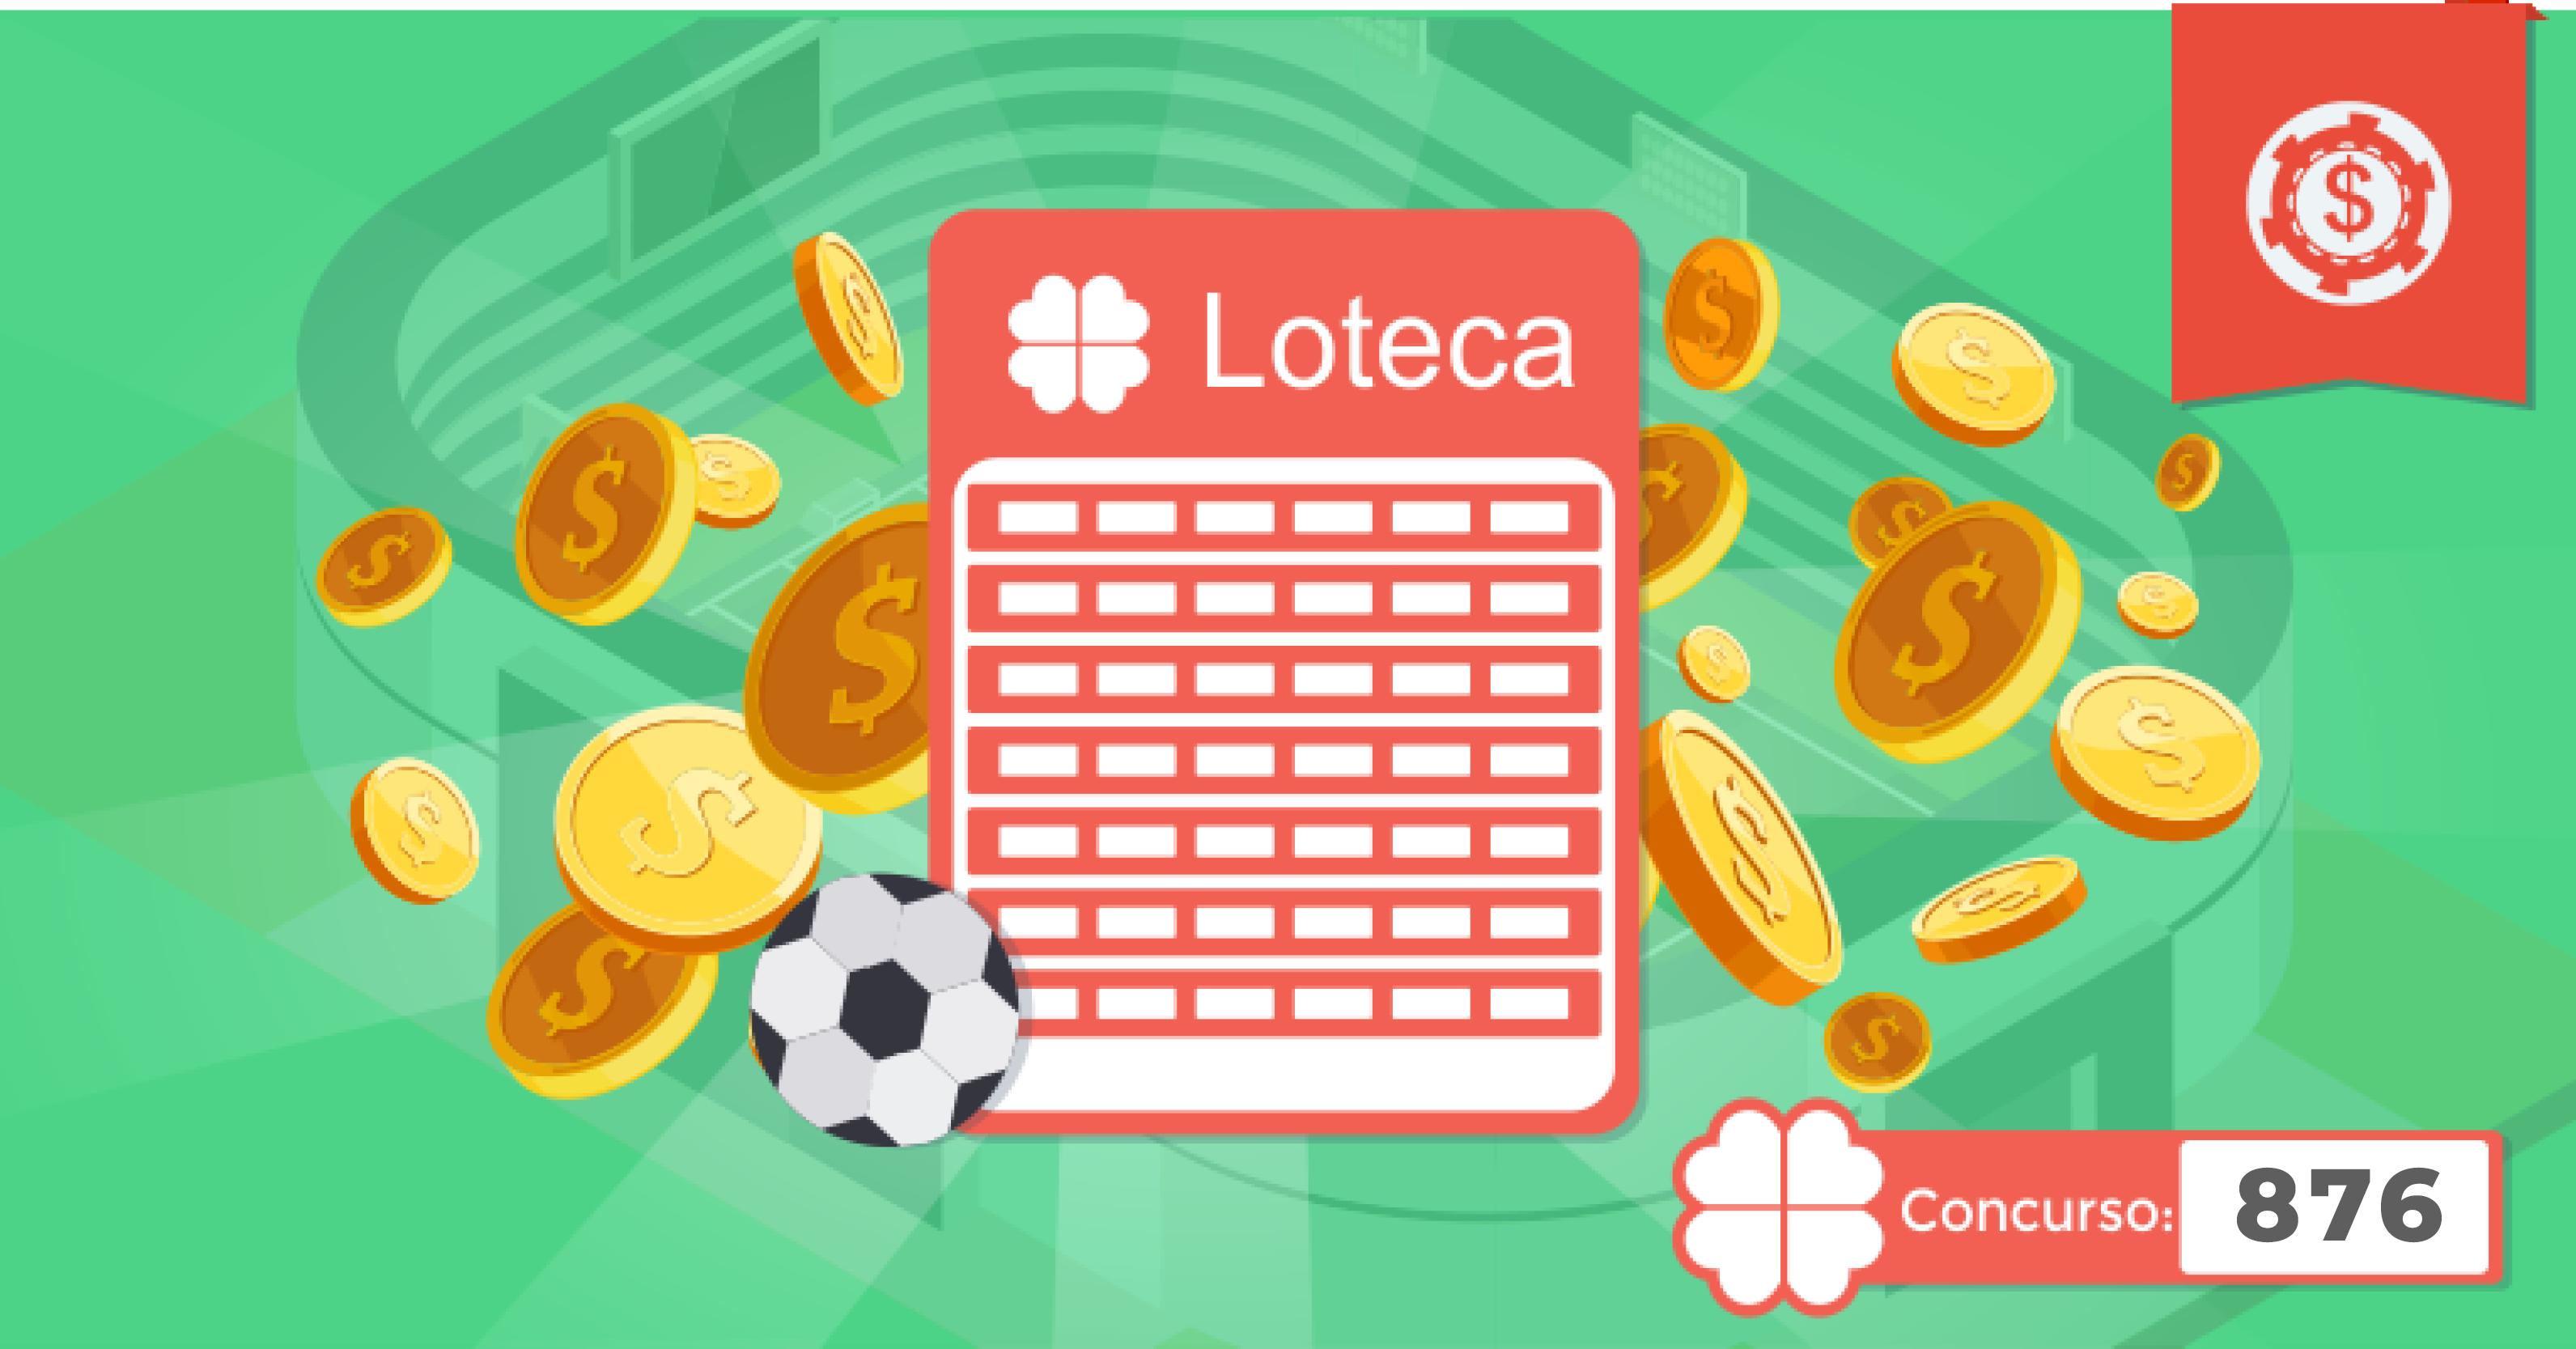 palpites-loteca-876-palpites-loteca-semana